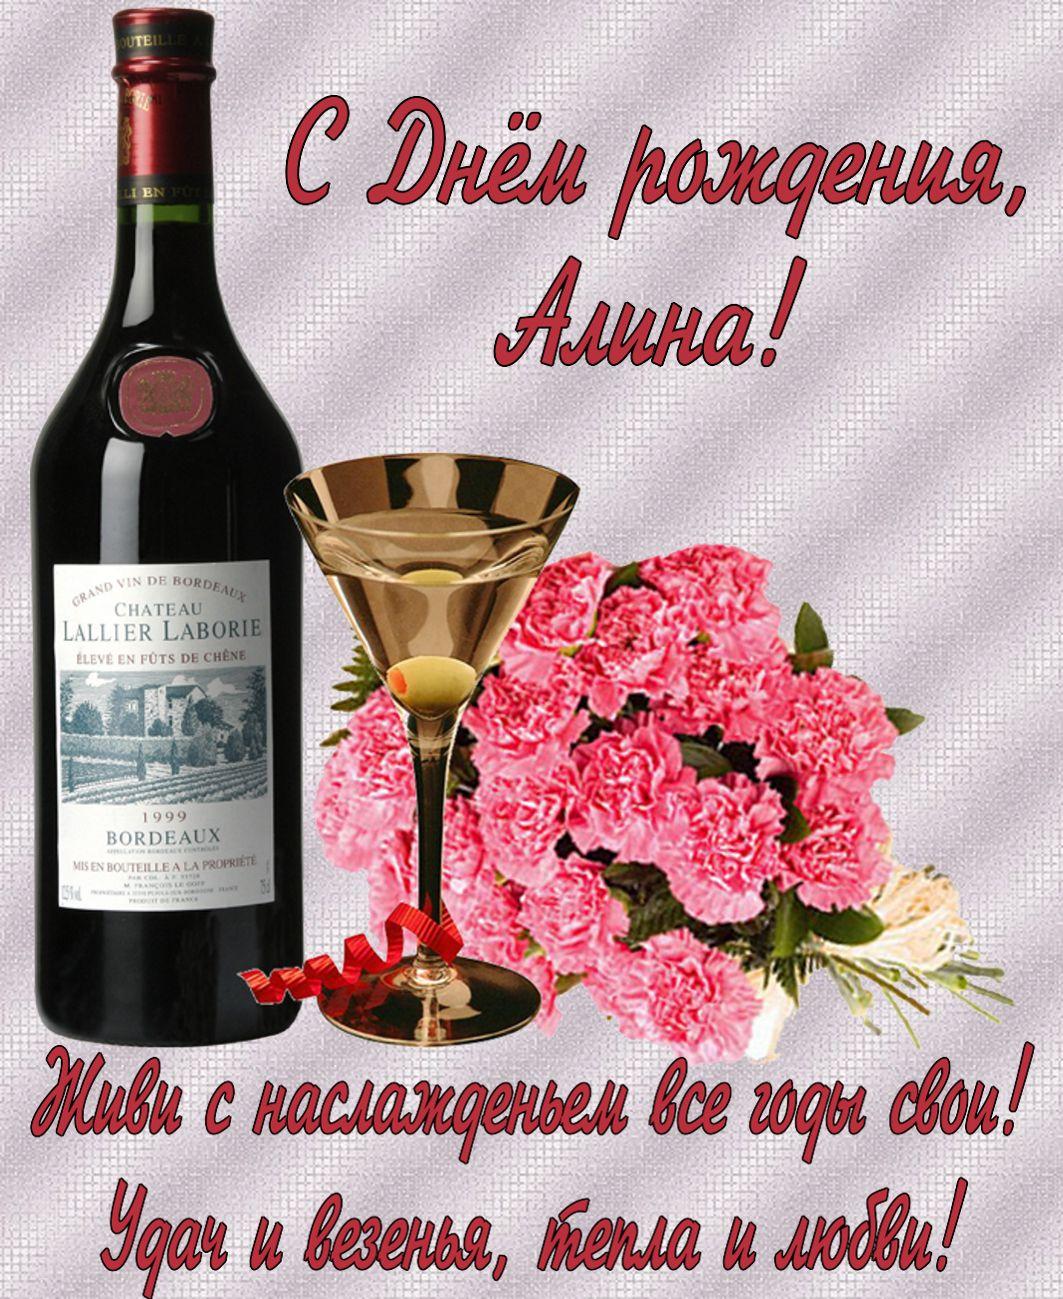 Открытка на День рождения - цветы и хорошее вино для Алины